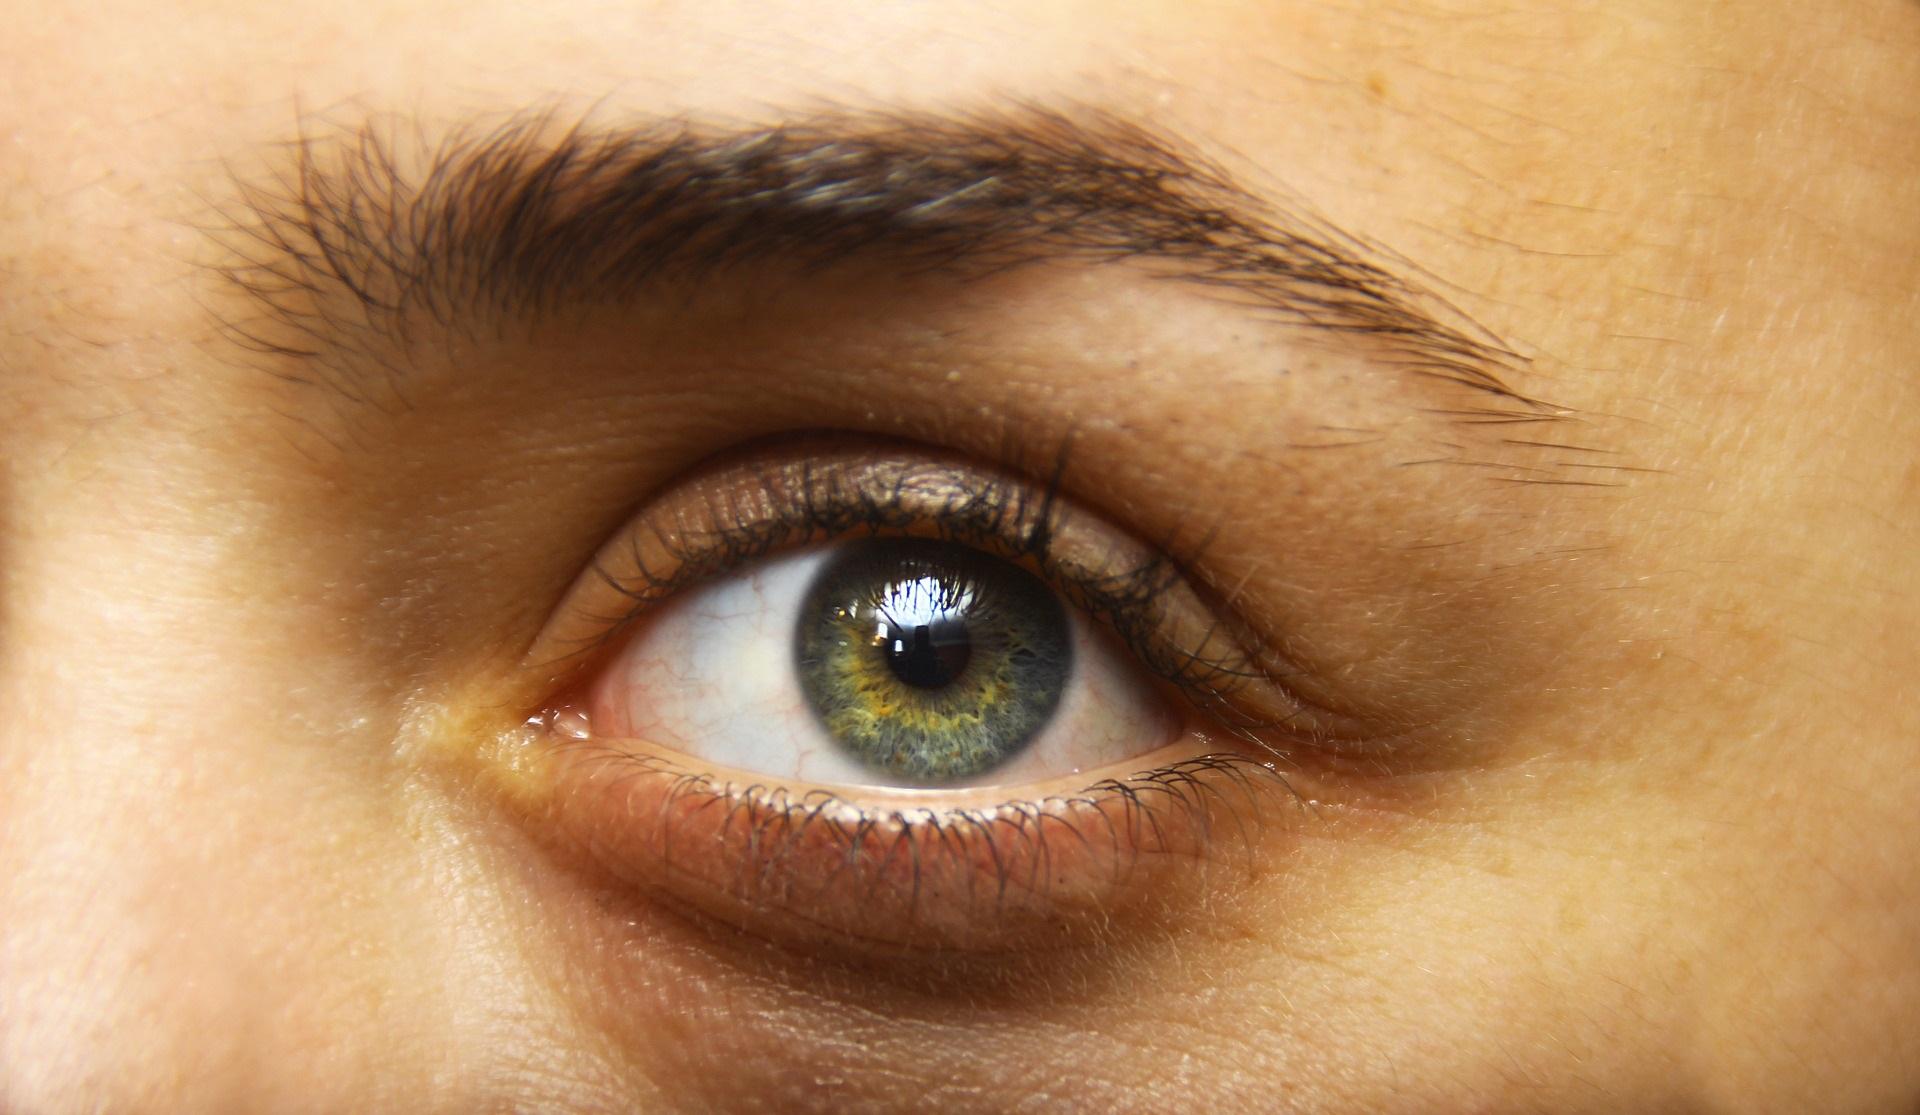 Augen vererbung braune grün Welche Augenfarbe